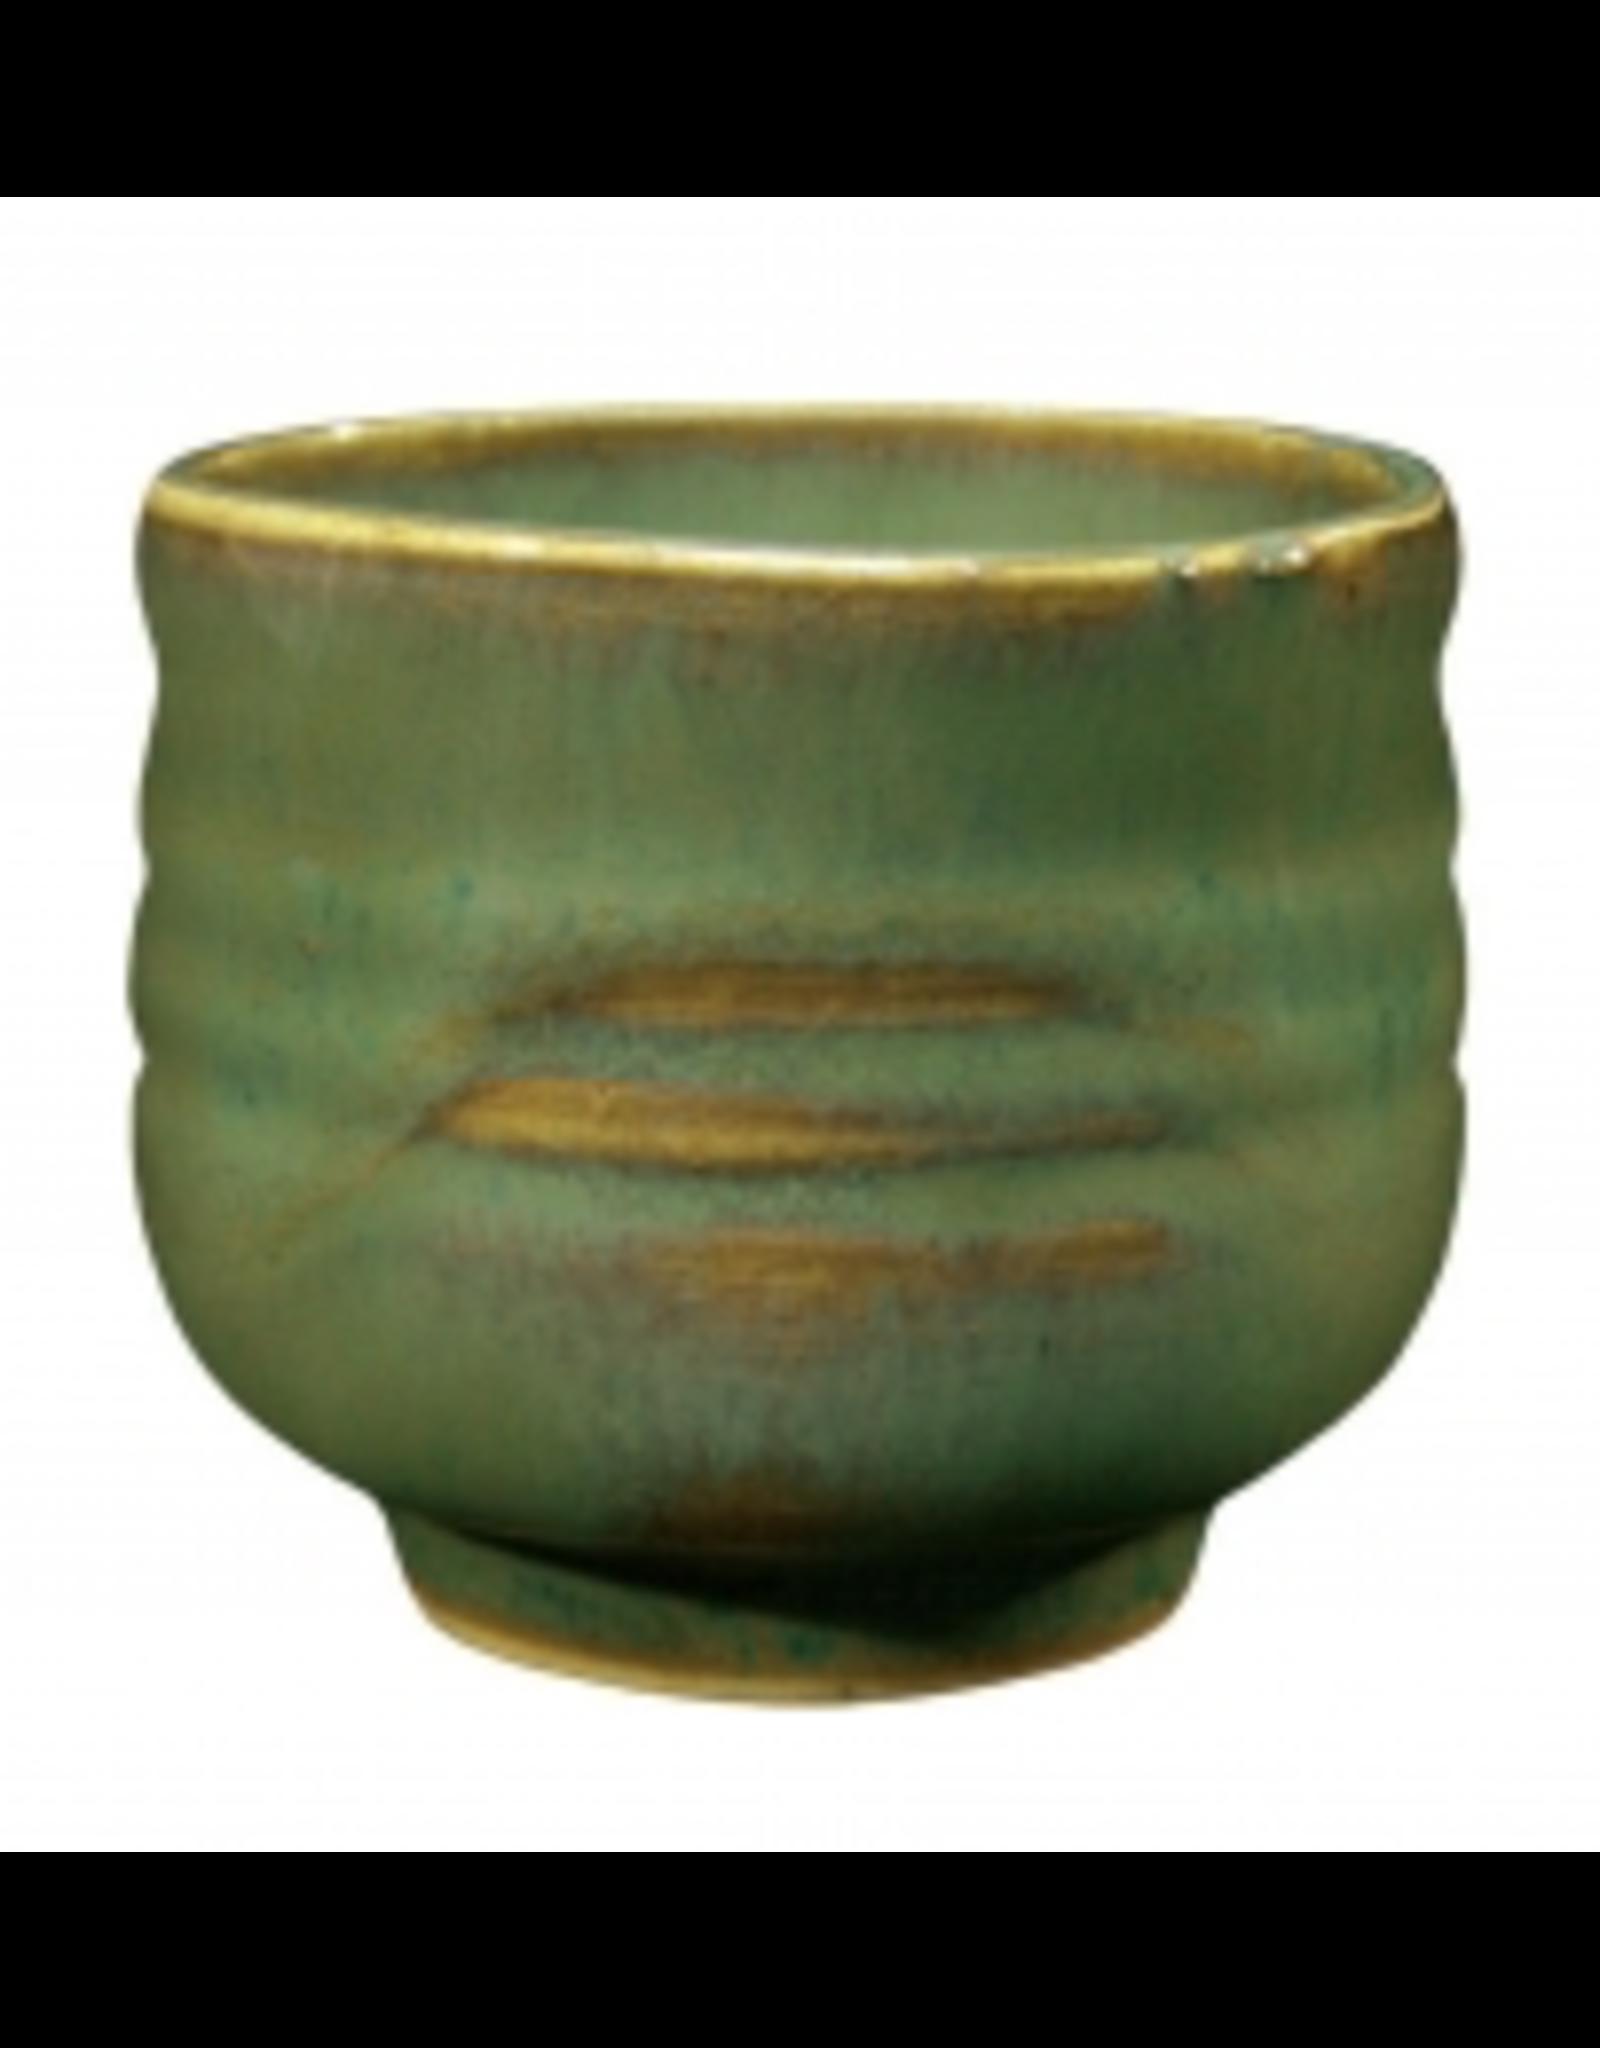 Amaco Lustrous jade